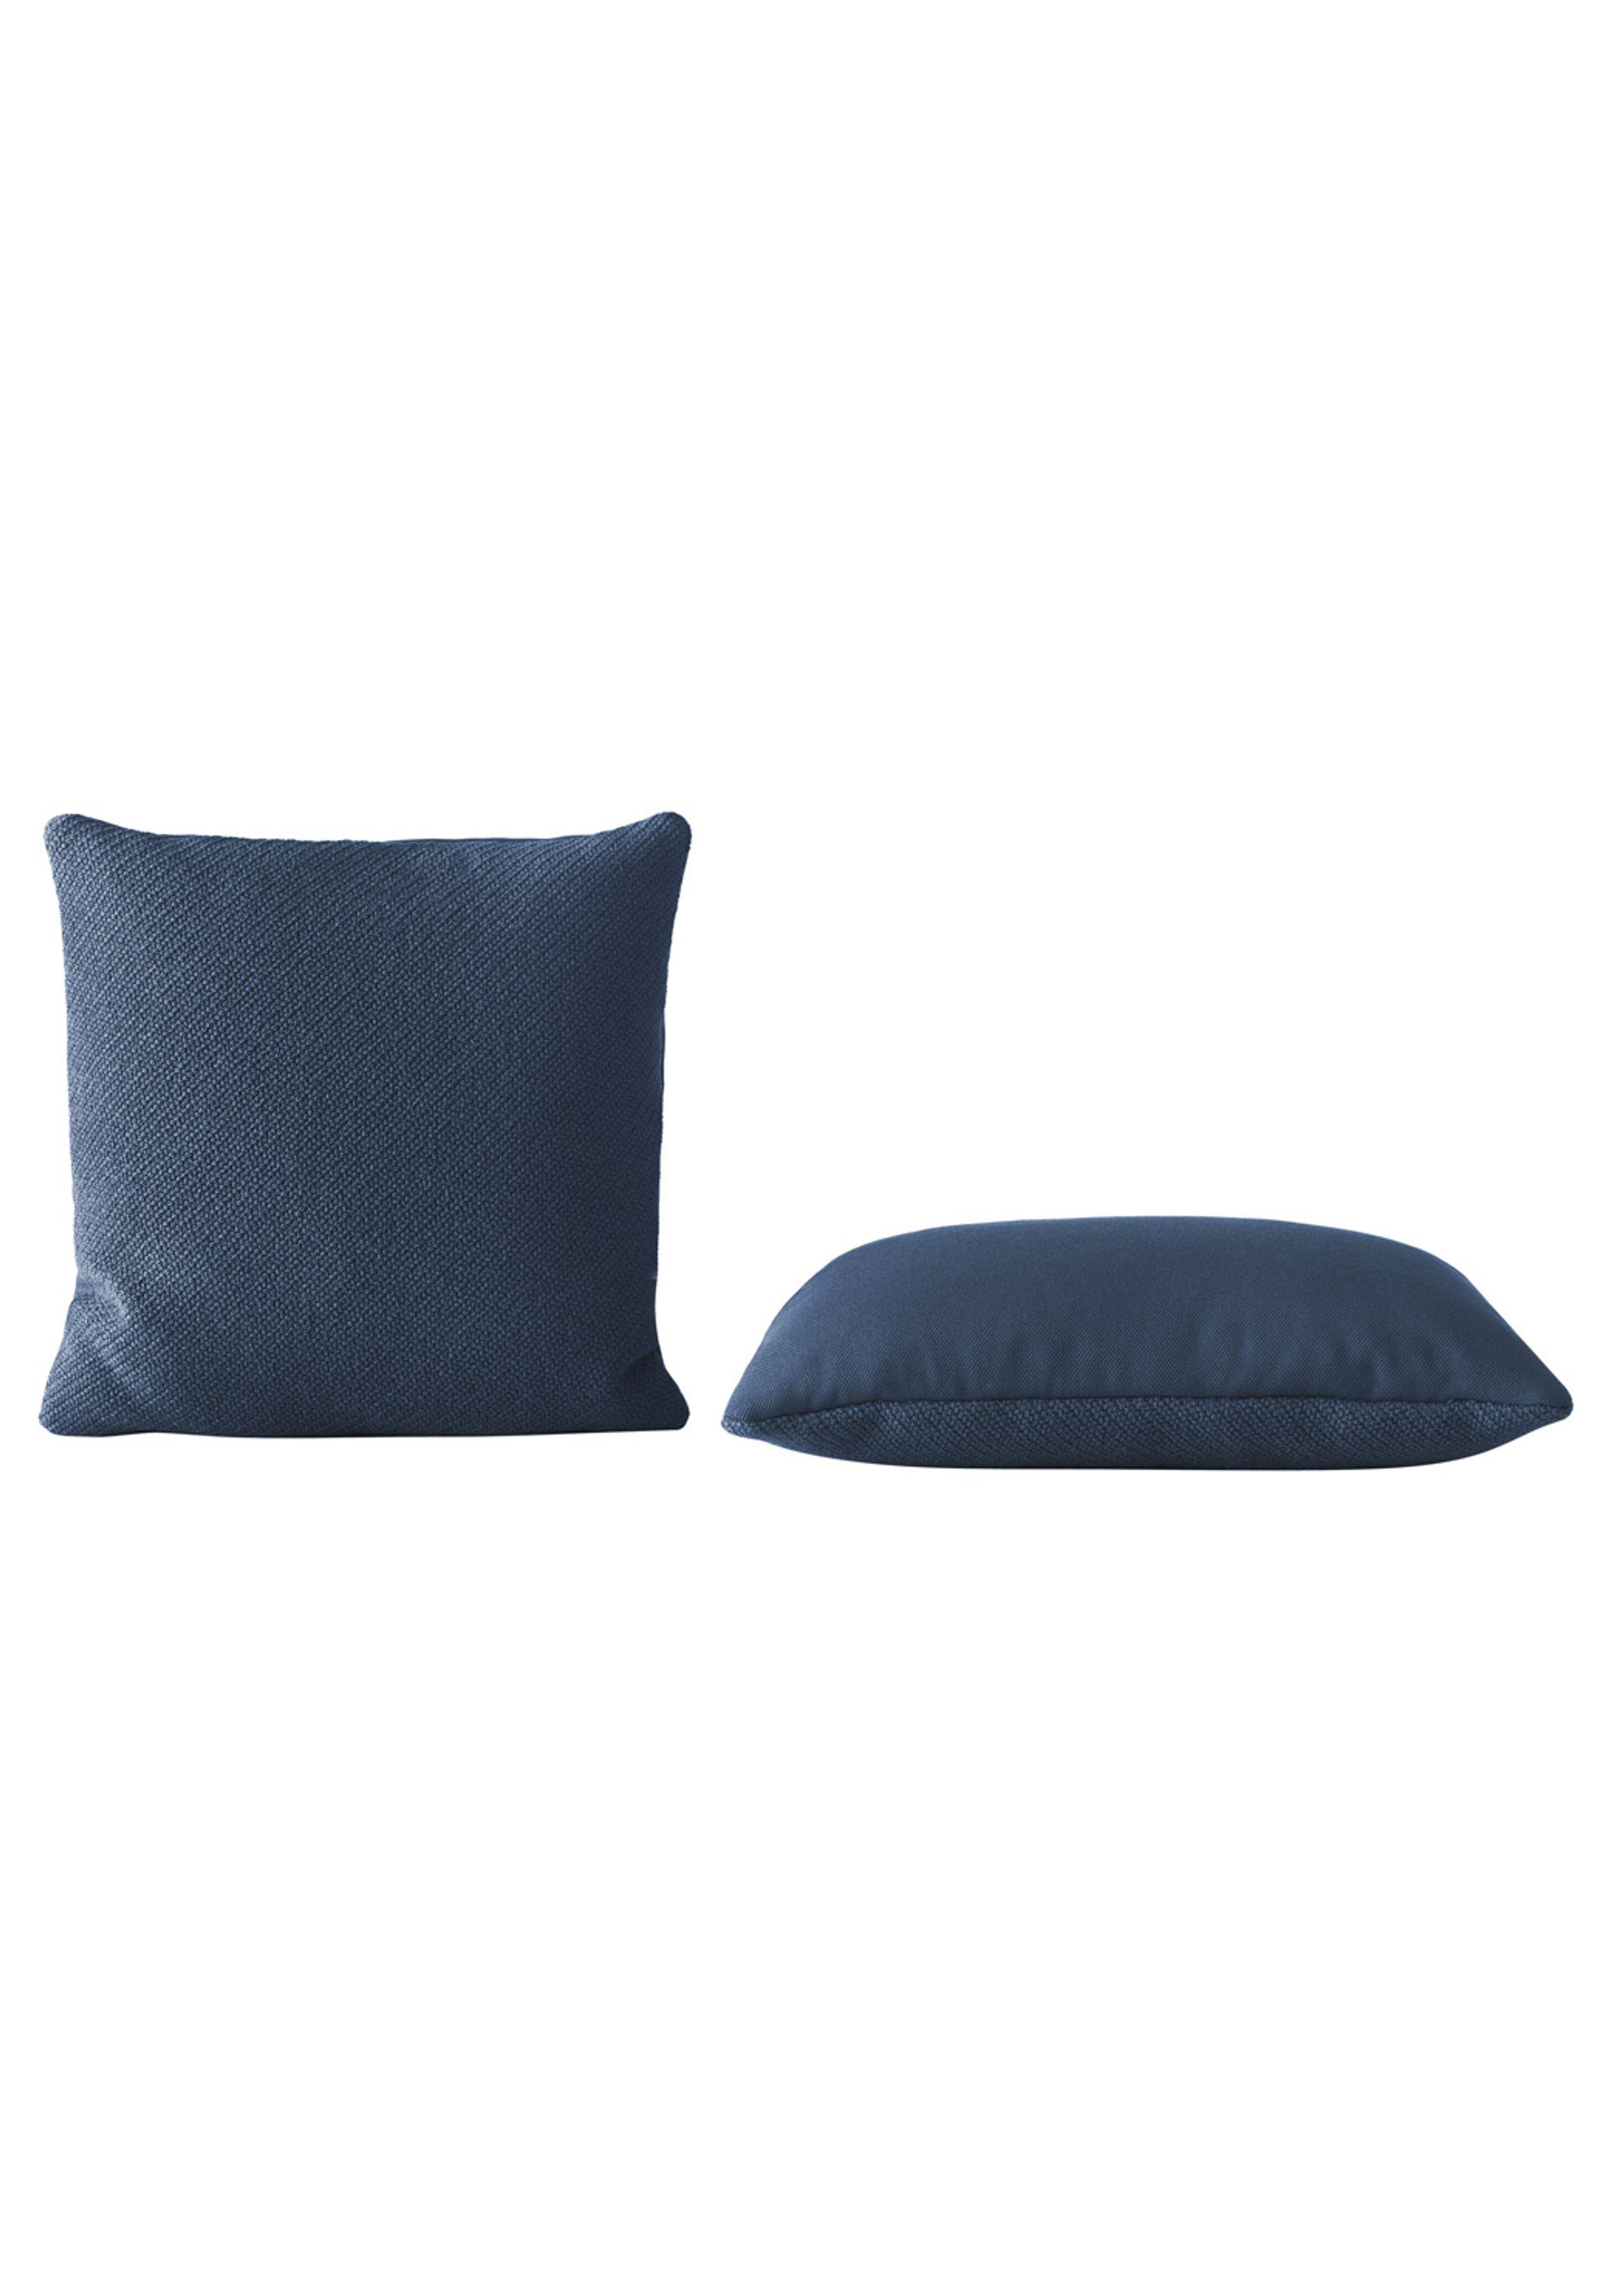 Image of   Mingle Cushion